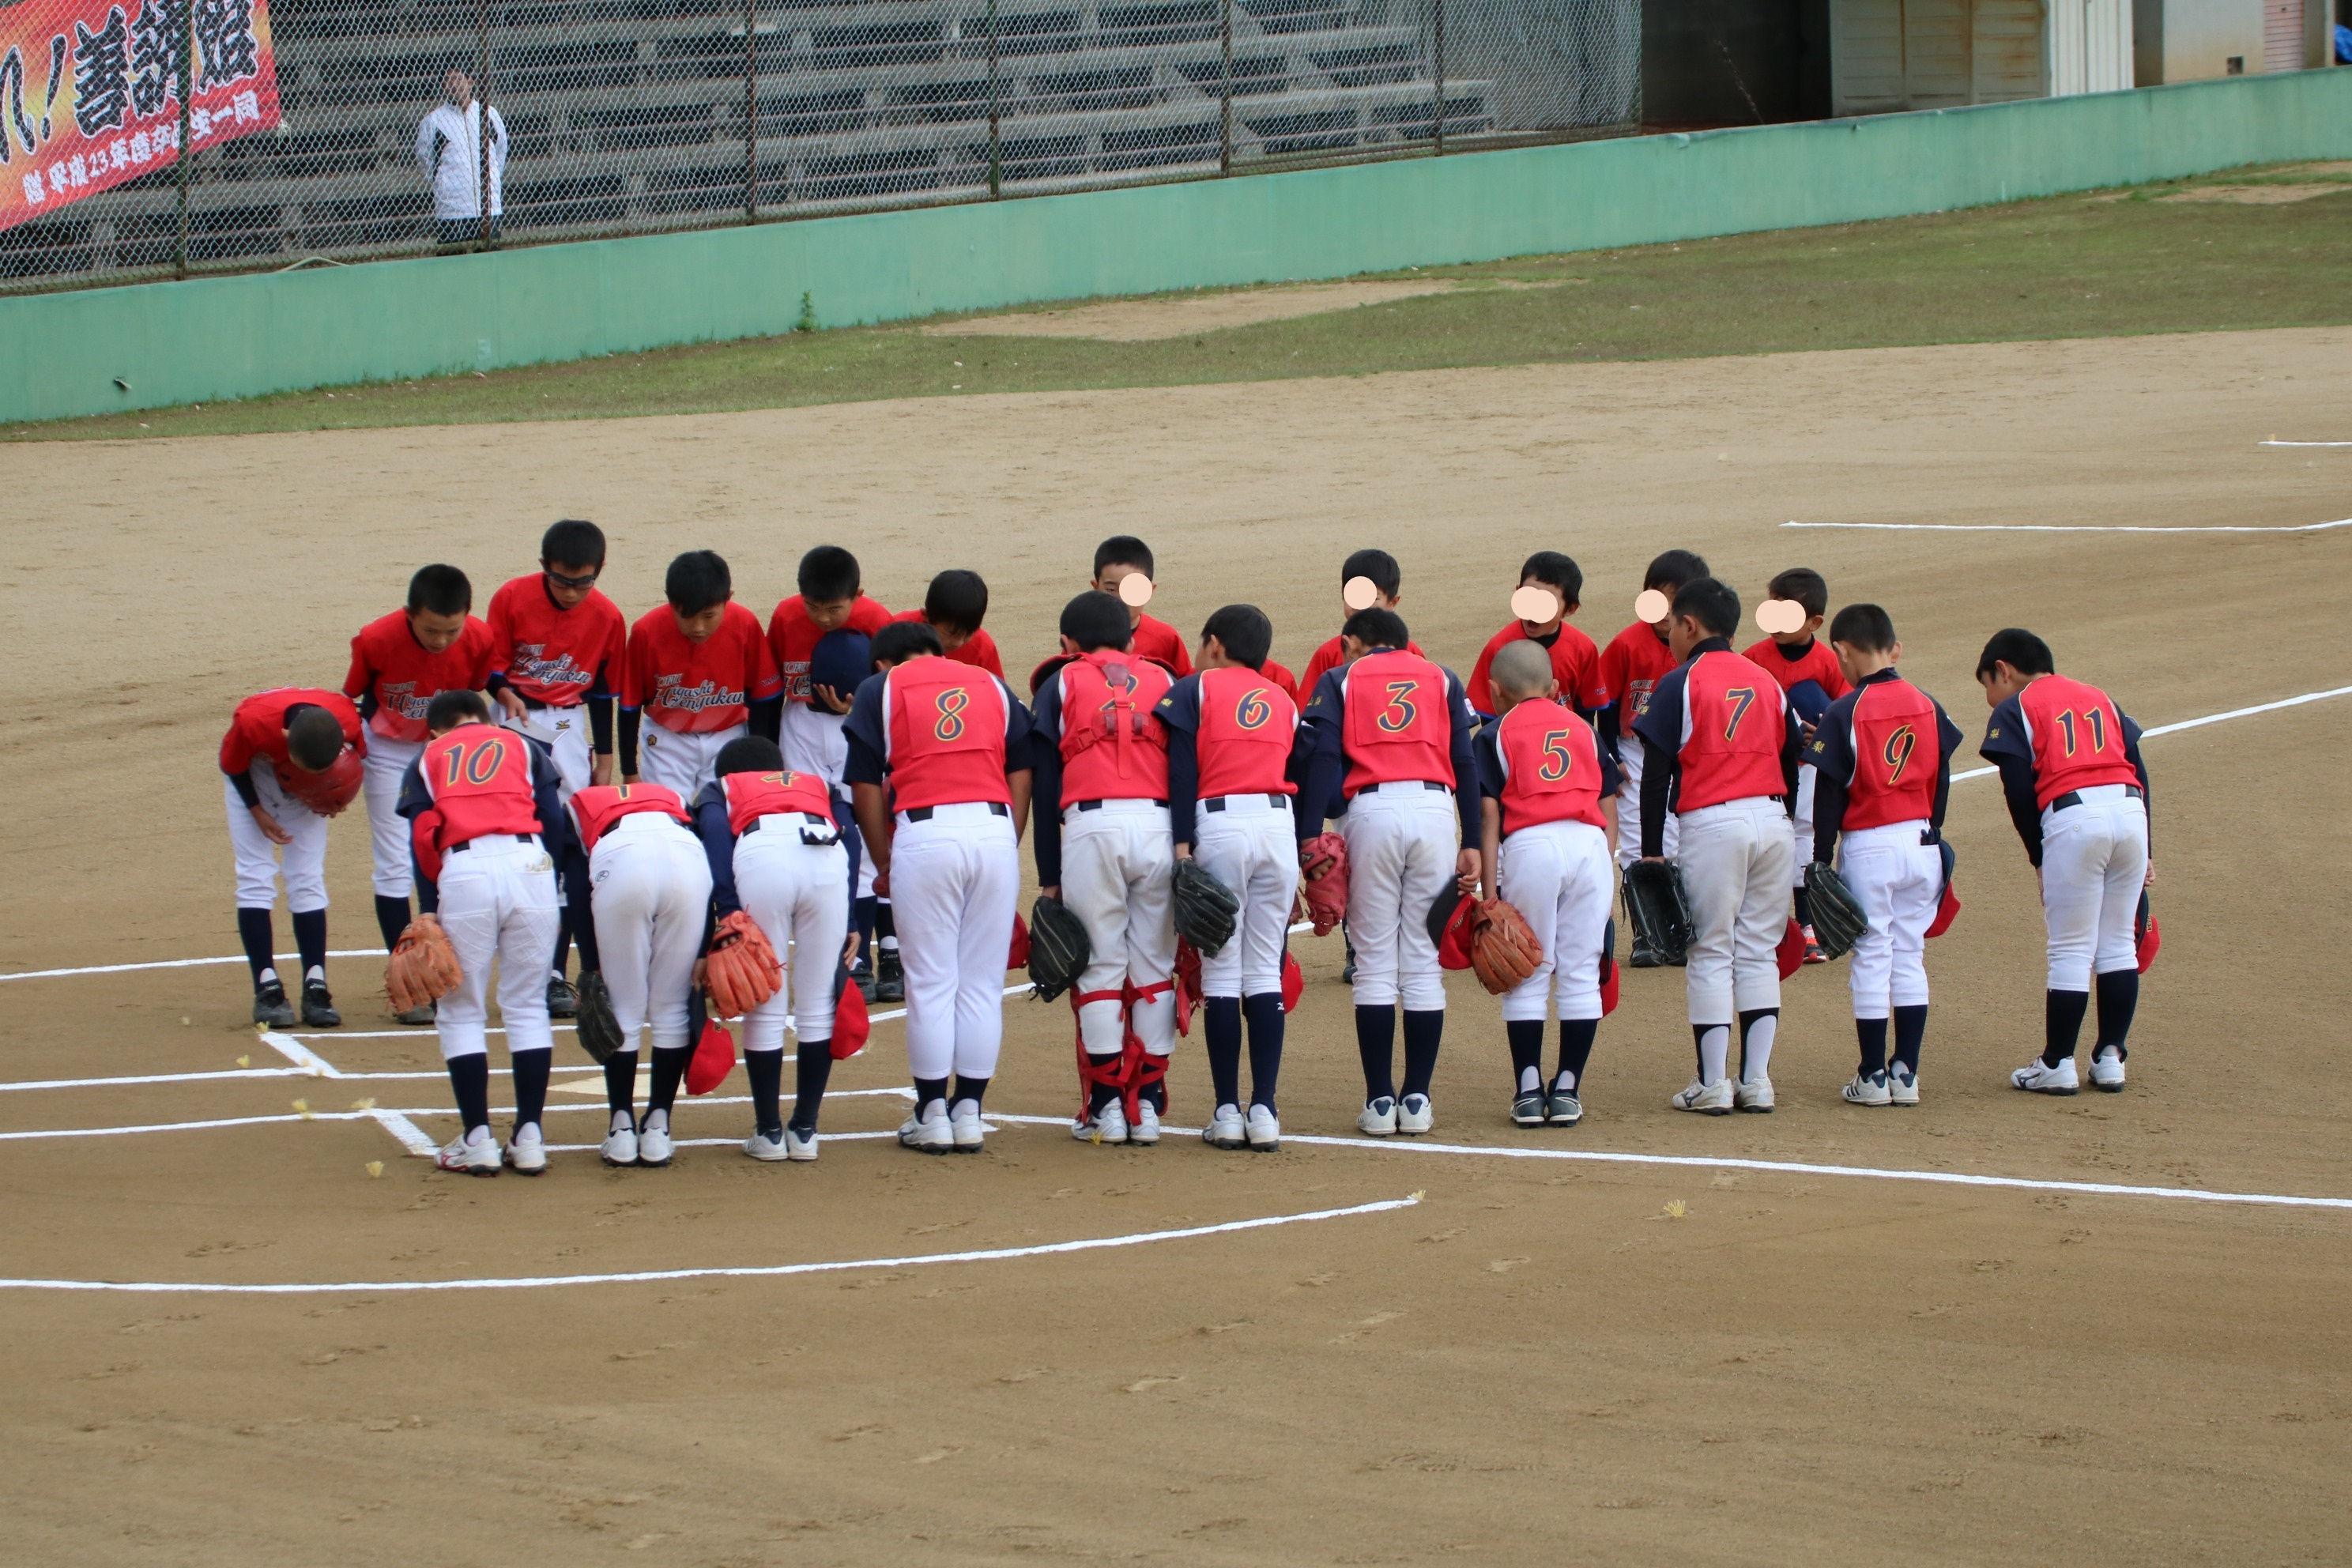 高円宮 賜杯 第 39 回 全日本 学童 軟式 野球 大会